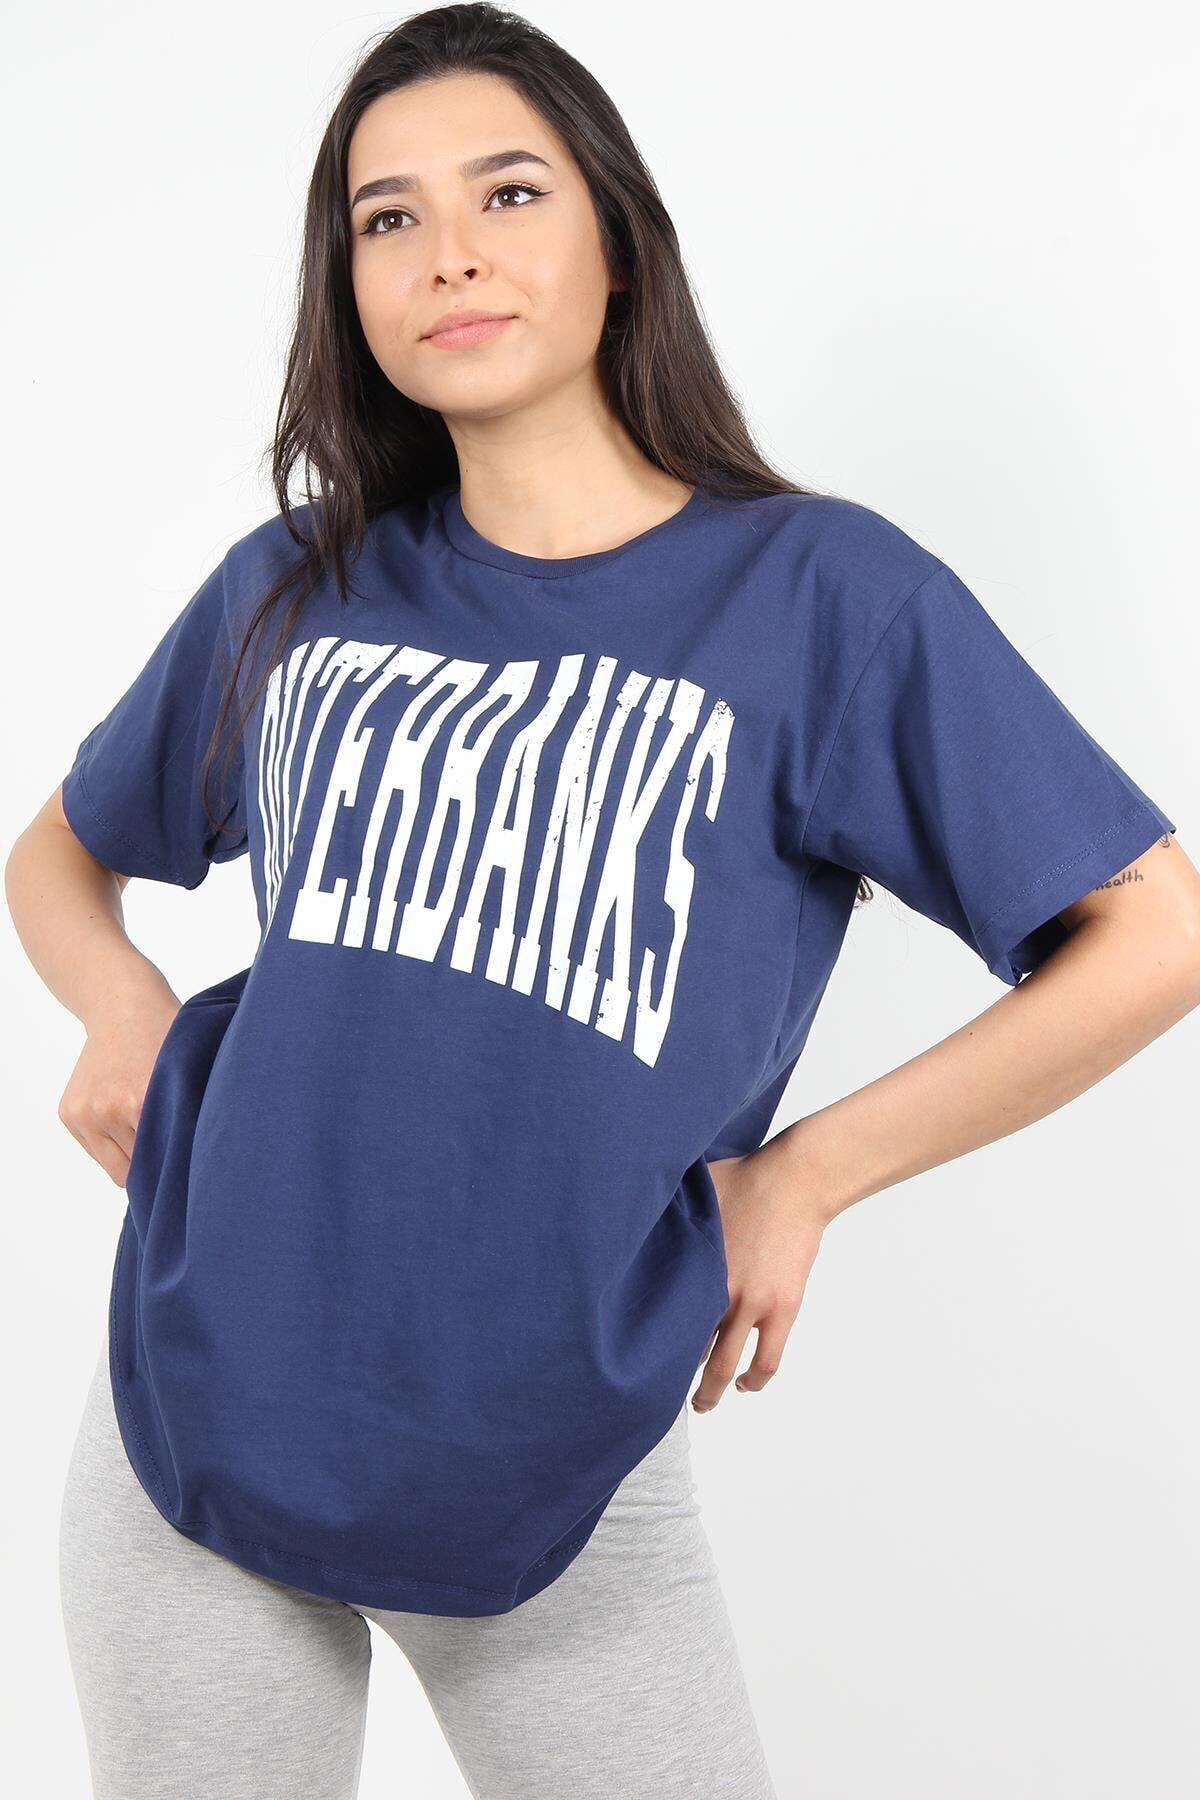 Mckanzie 7516 Outerbanks Yazılı O Yaka Tshirt 1